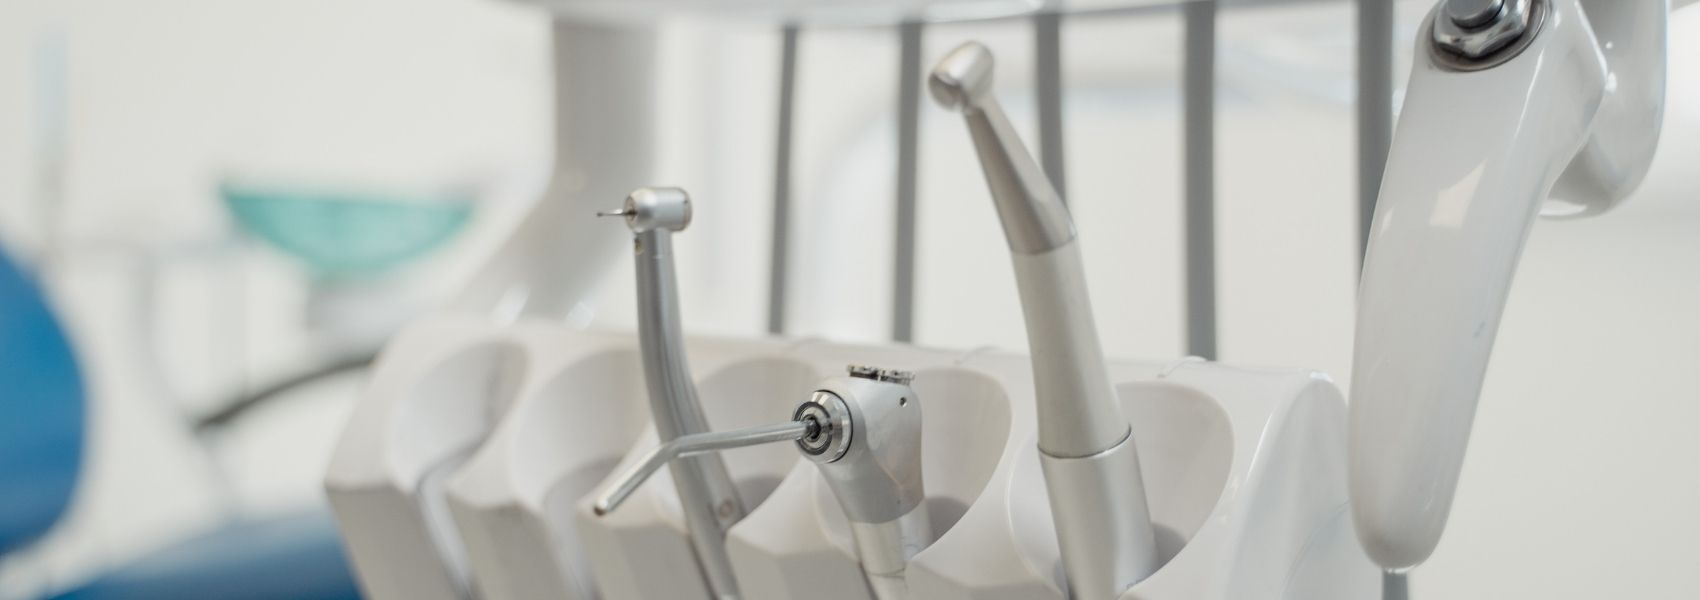 Dentistas nos centros de saúde: projetos-piloto defraudam expectativas